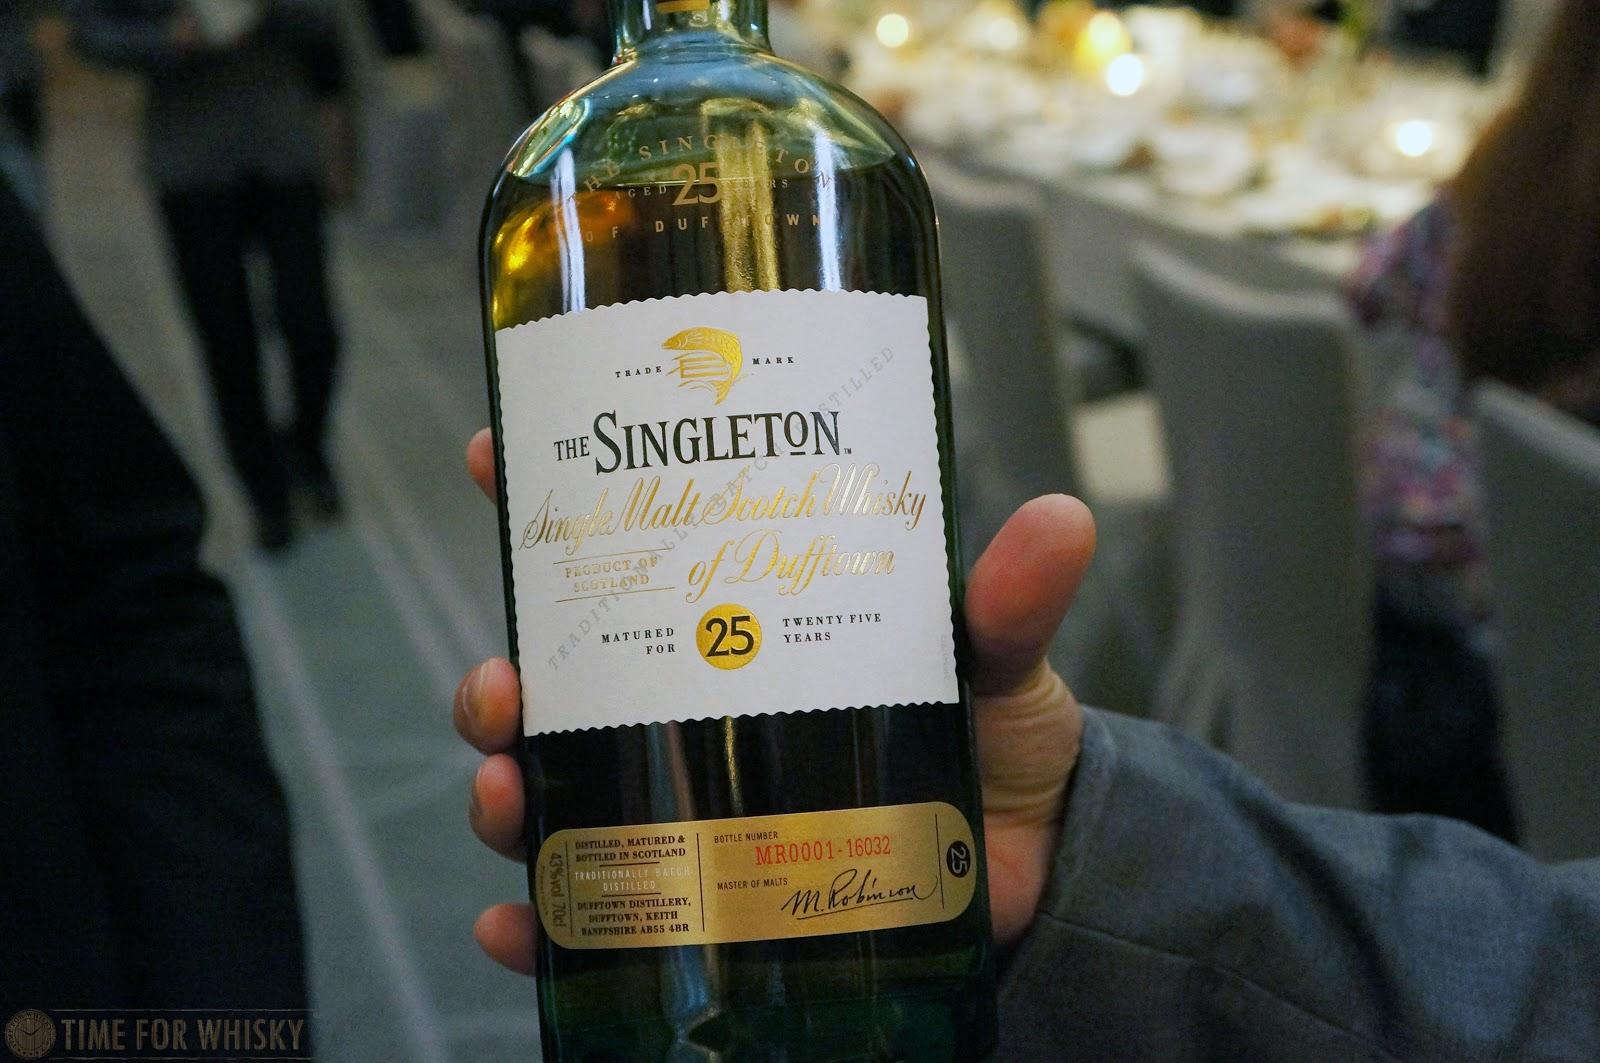 Time for Whisky.com: The Singleton of Glen Ord 12yo Sherry Cask launch  dinner [Tasted #470]